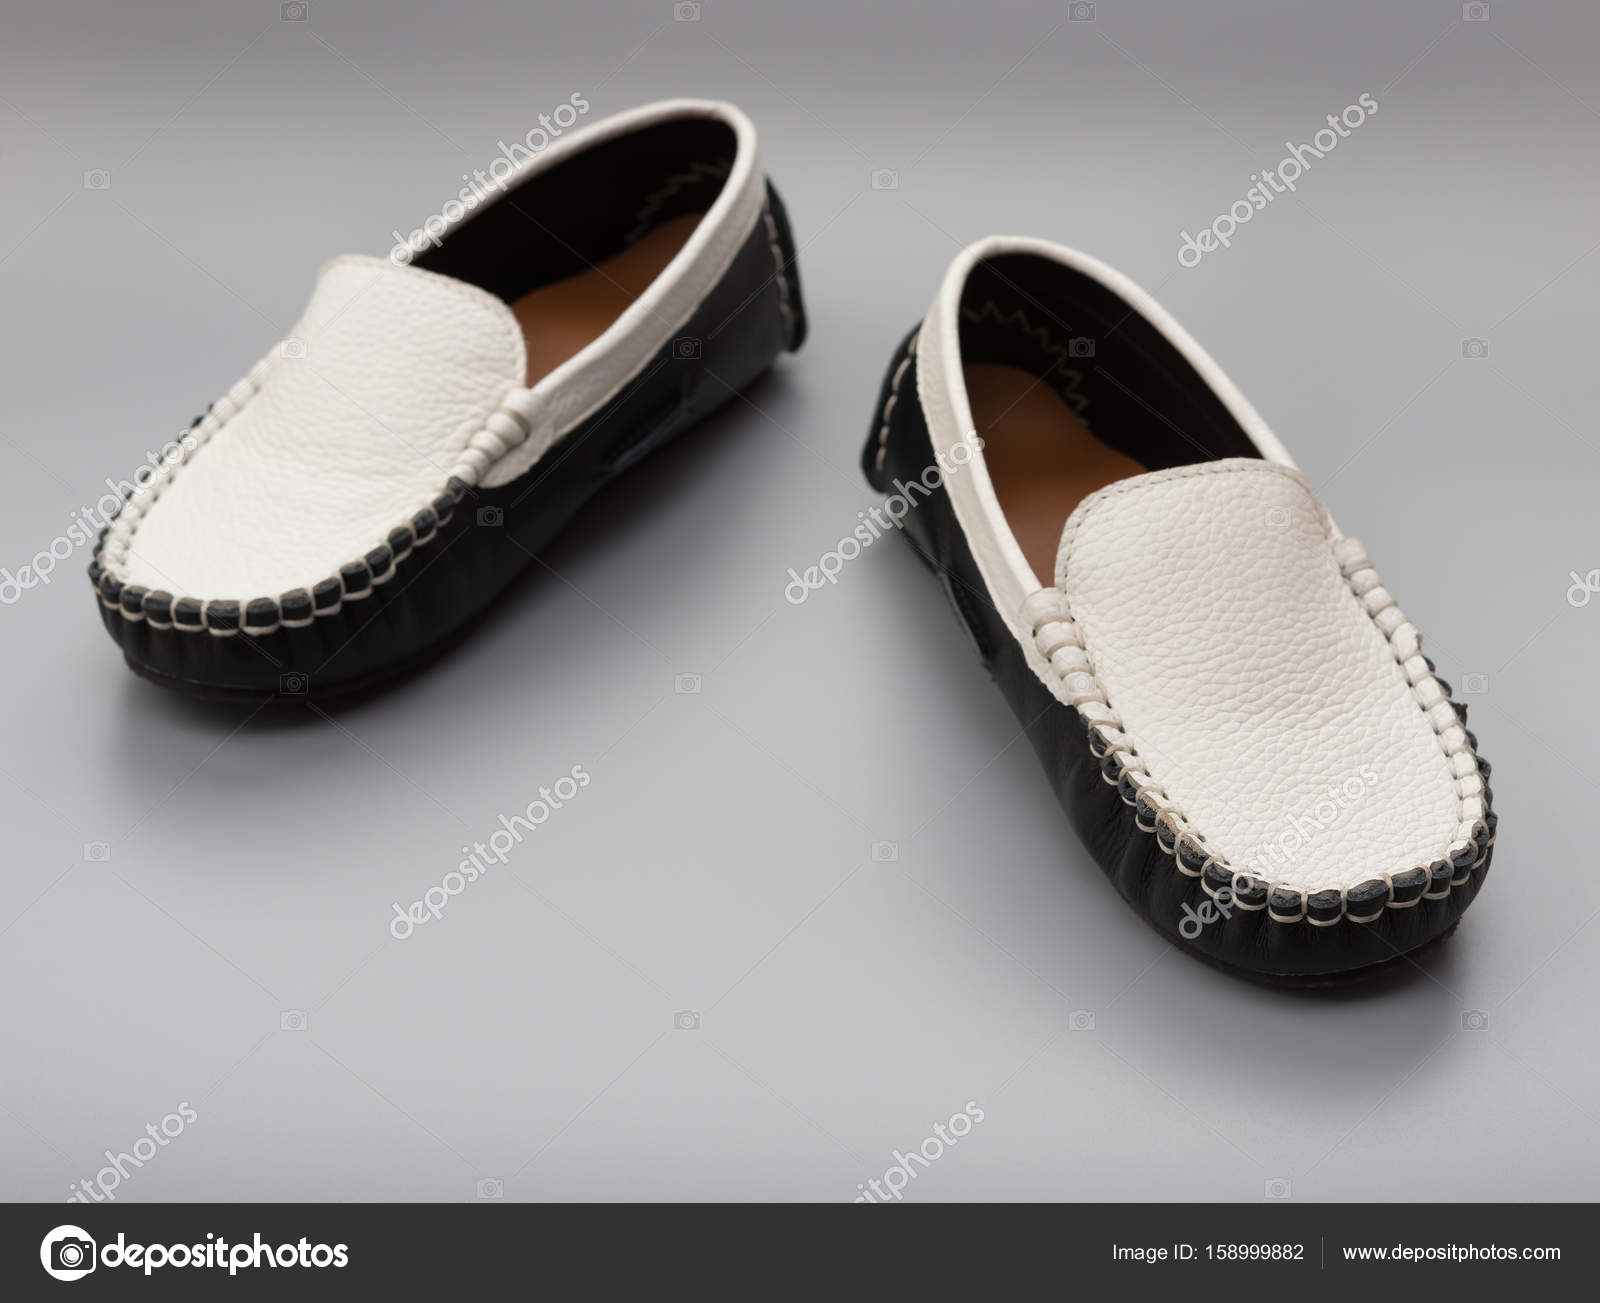 252902a7ef5 Paire de chaussures tendances pour enfants sur fond gris– images de stock  libres de droits